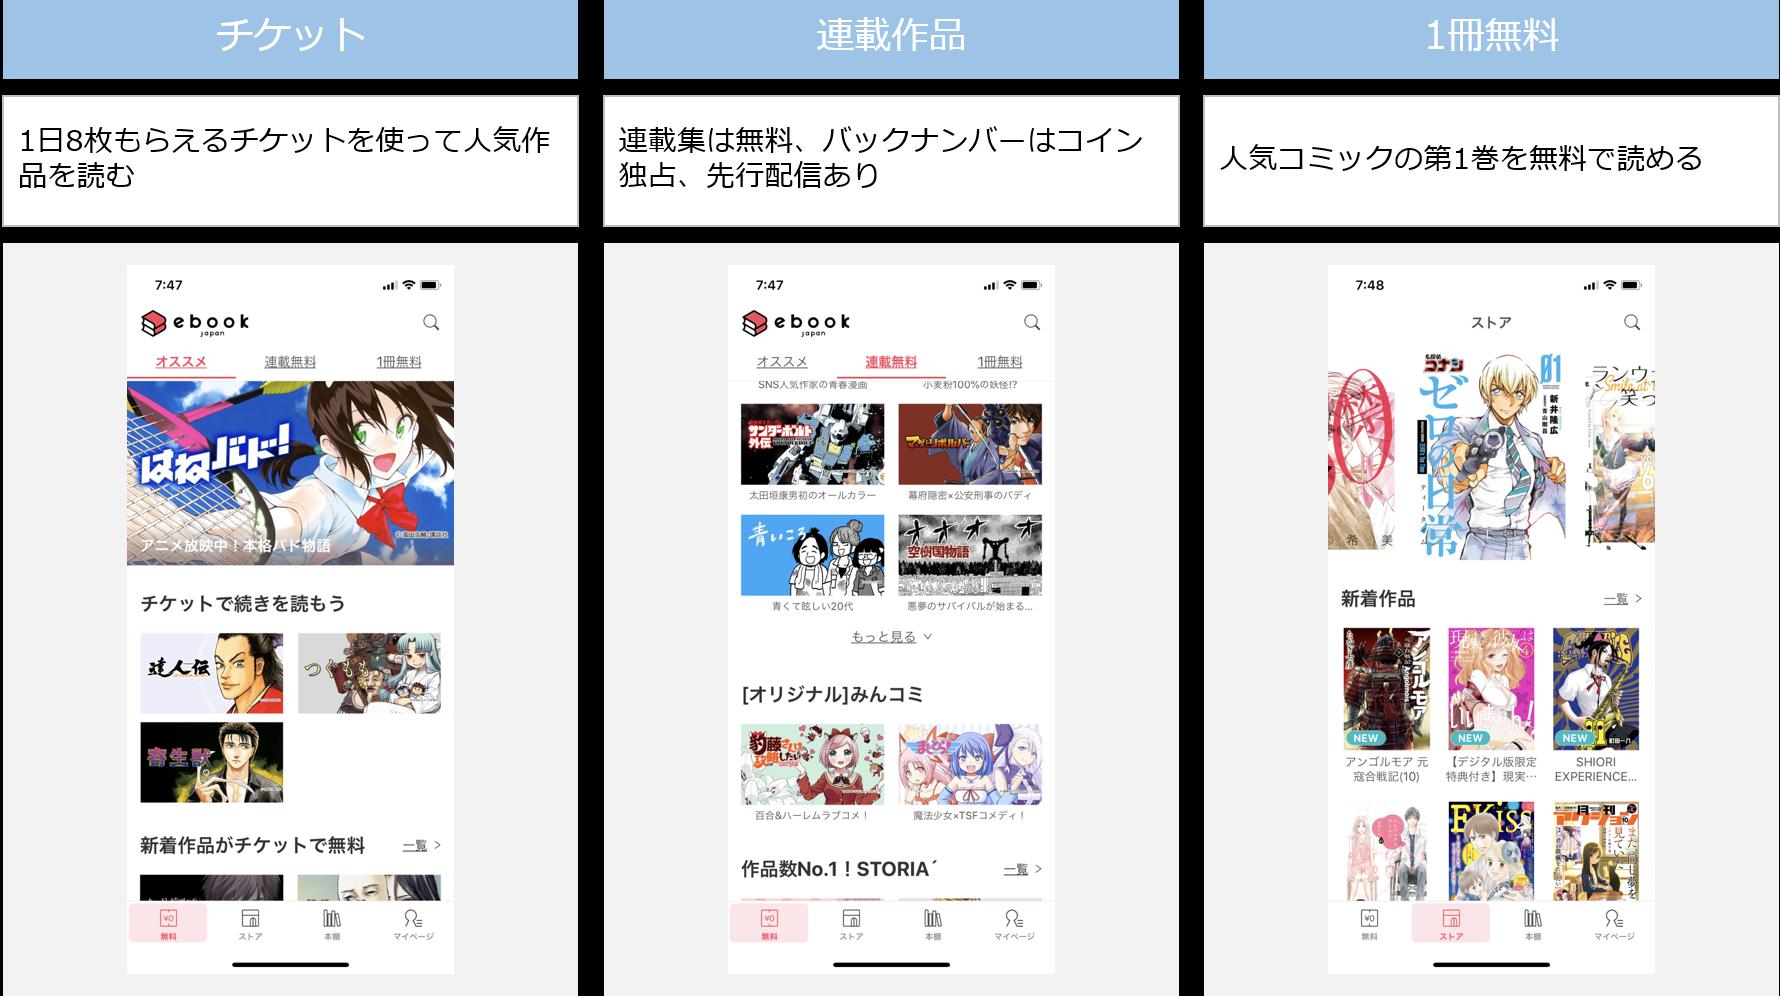 マンガアプリeBookJapanの作品分類